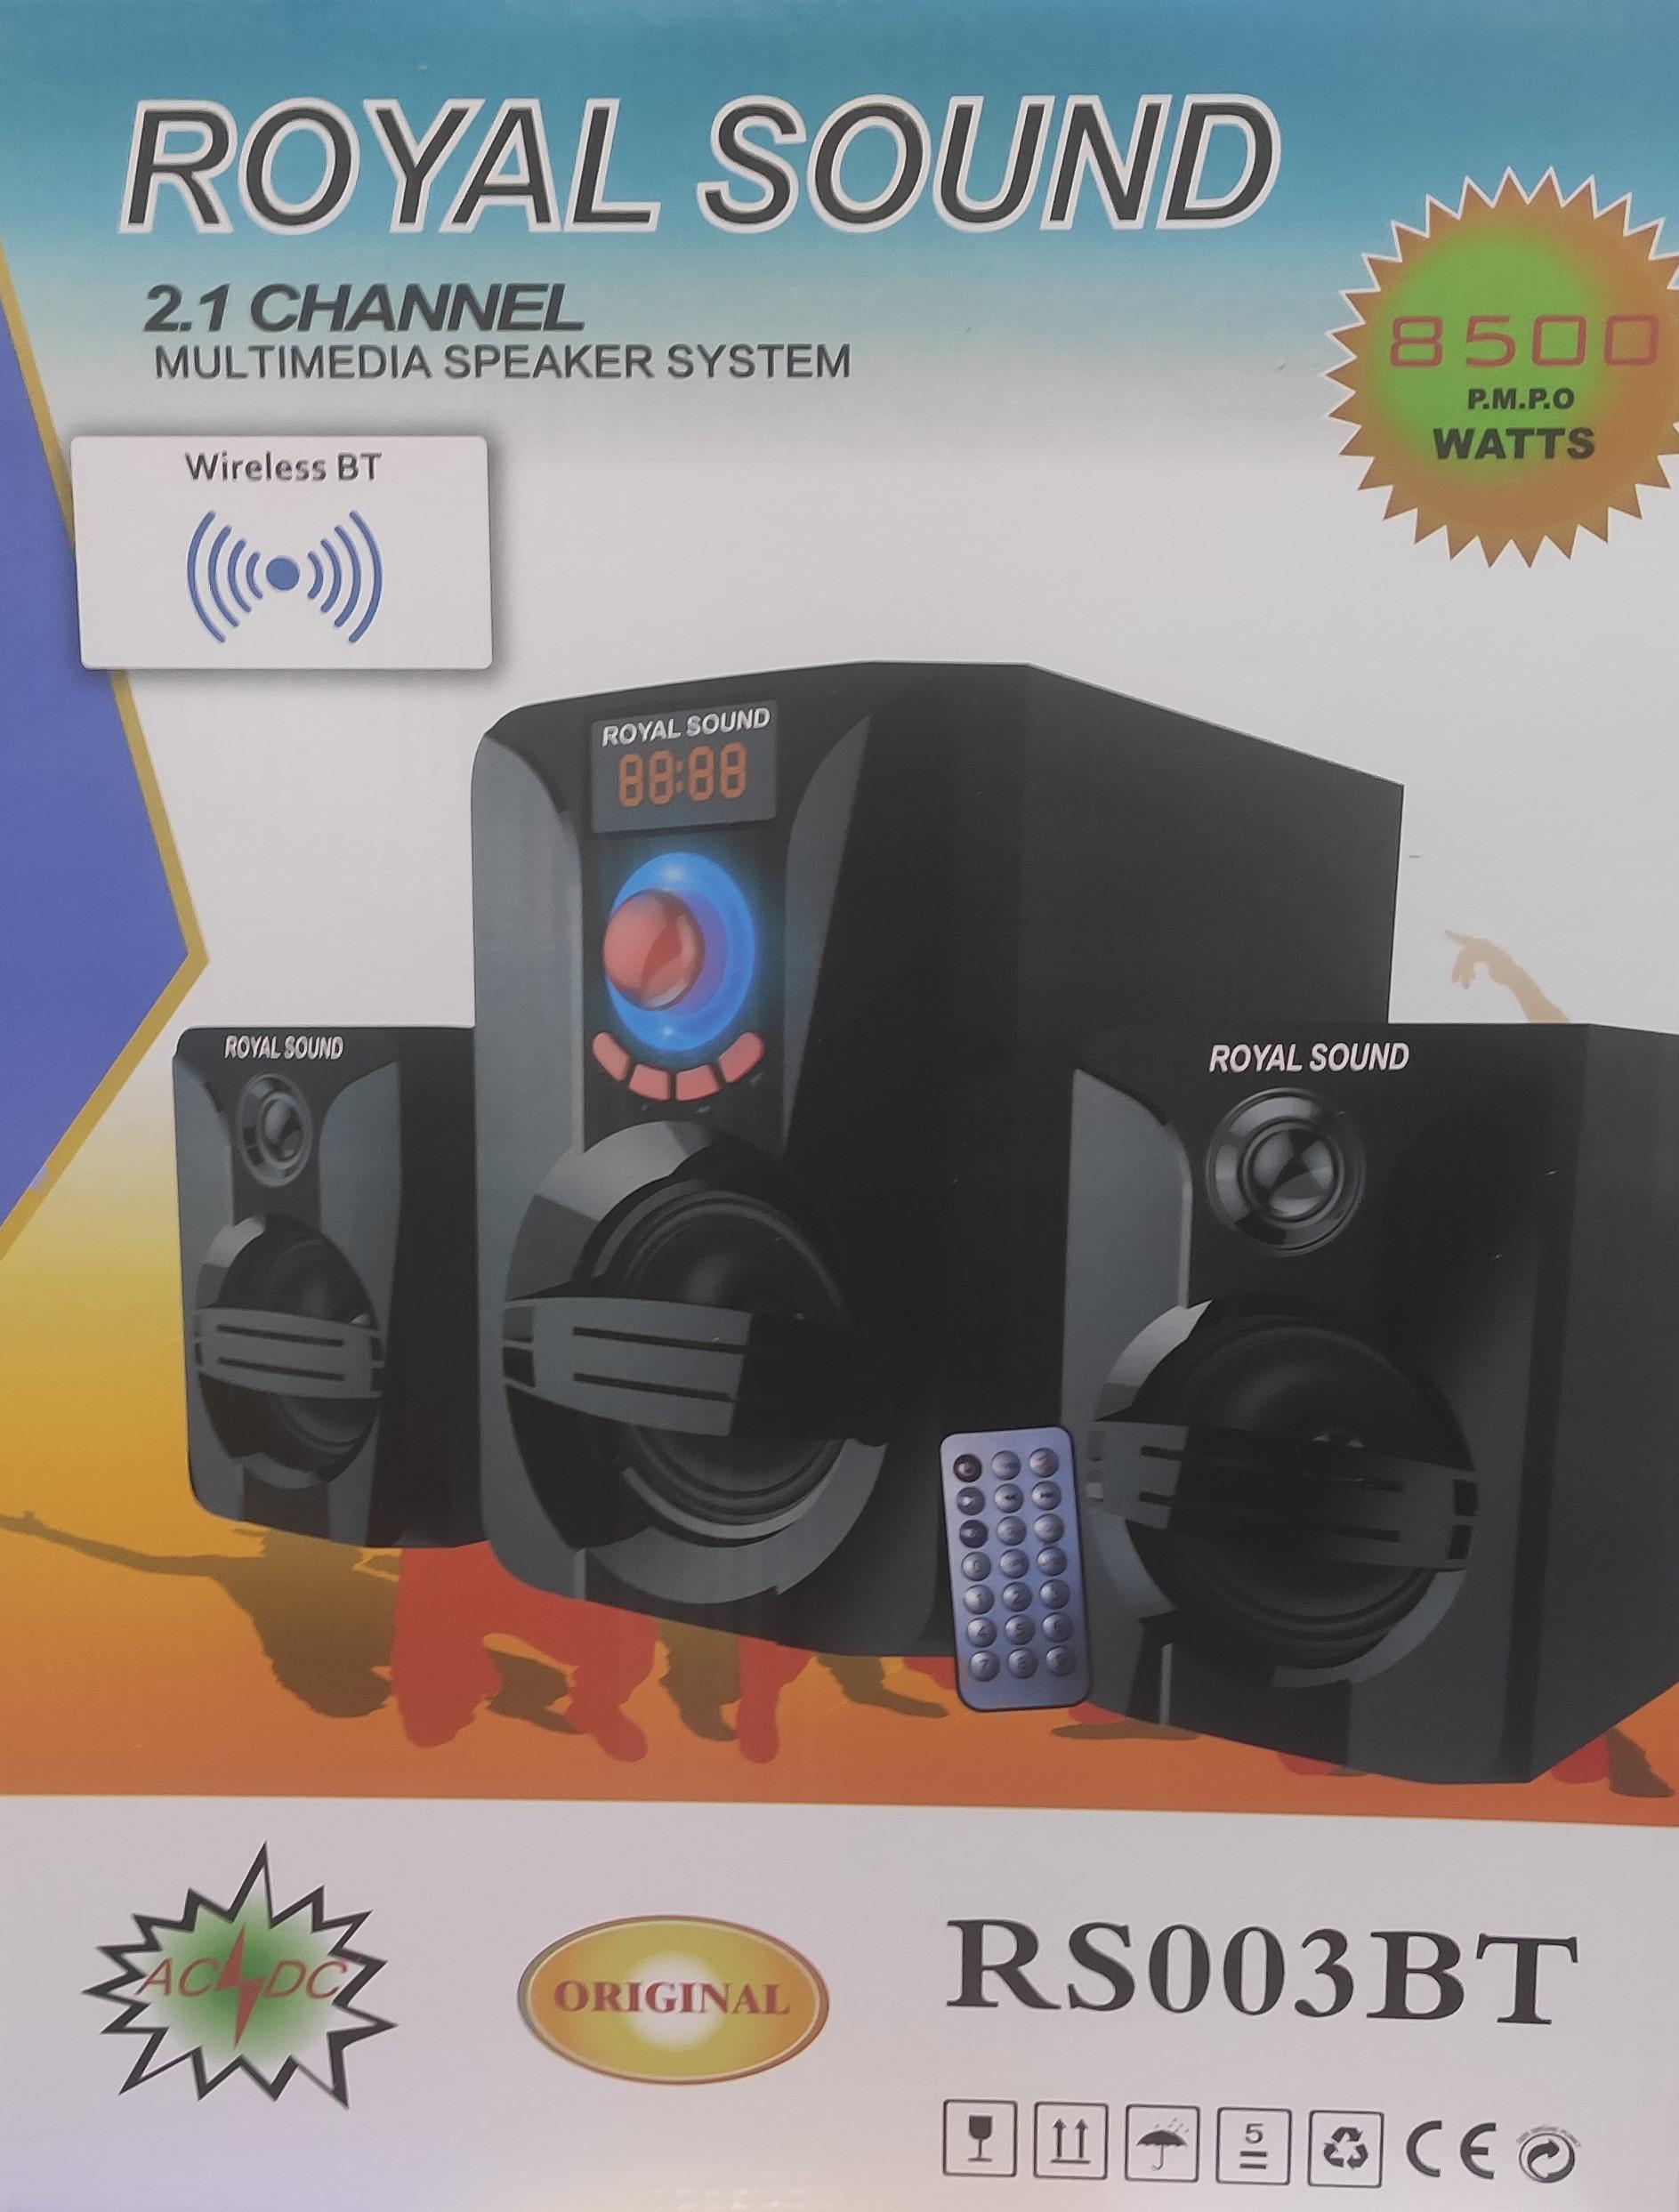 Royal sound RS003BT 8500W P.M.P.O Subwoofer speaker system